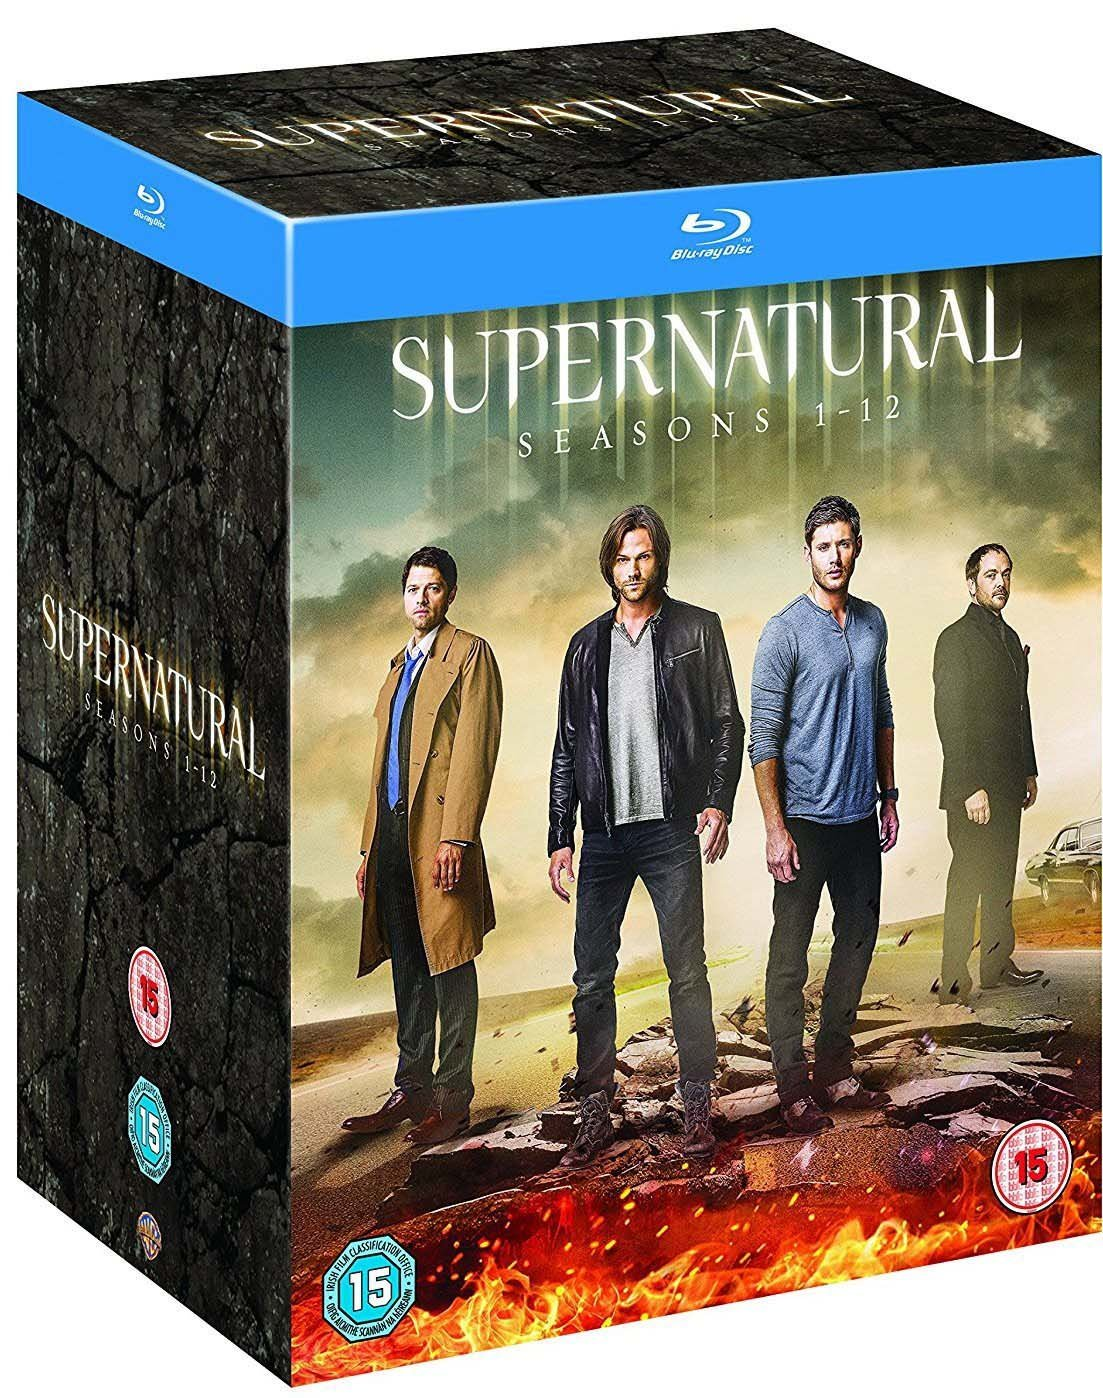 Supernatural - Seasons 1-12